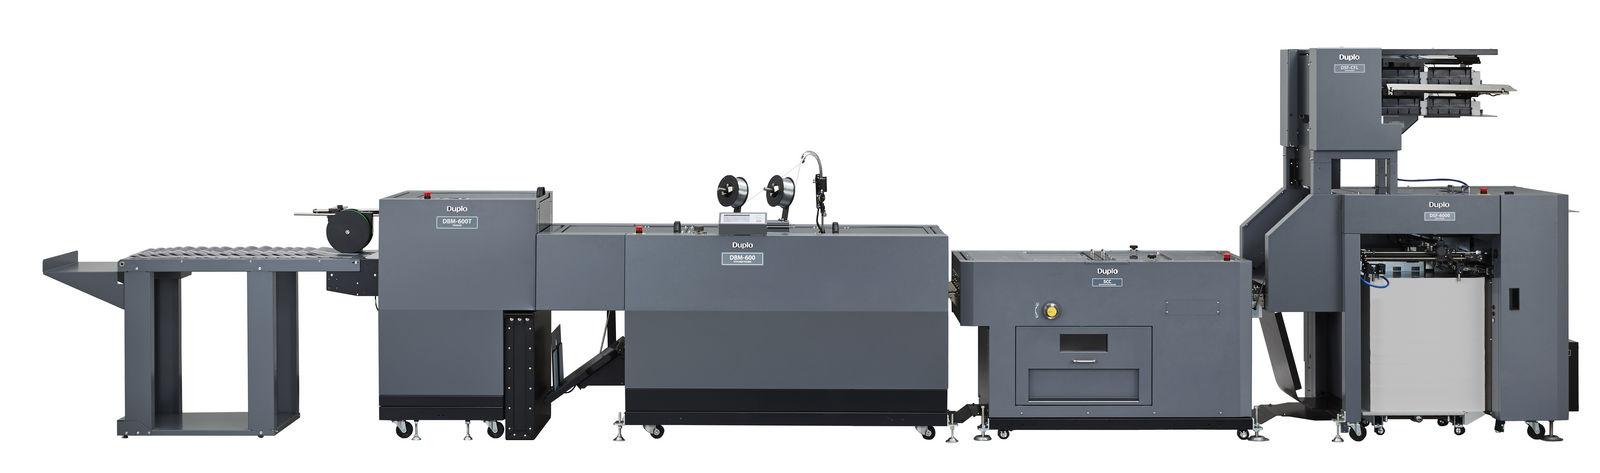 Duplo Digital System 6000i